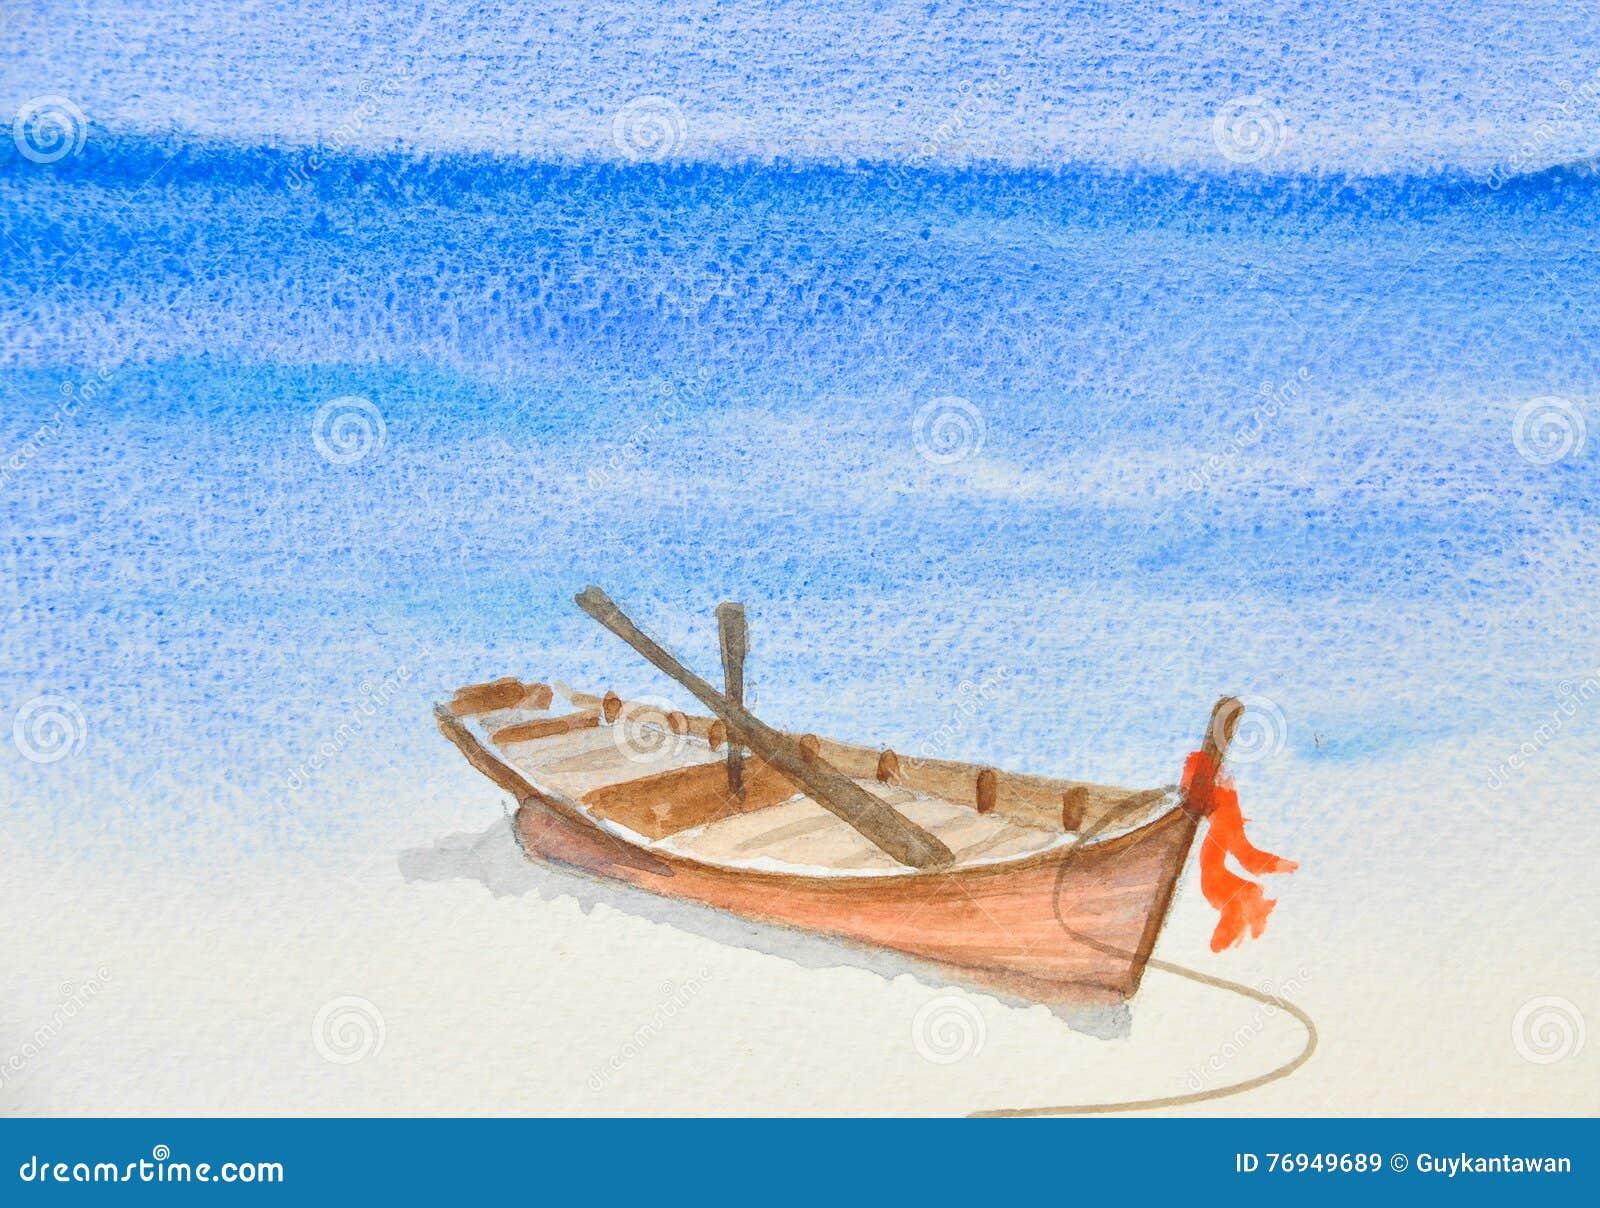 Best 25  Watercolor ocean ideas on Pinterest | Ocean art, Easy art ...